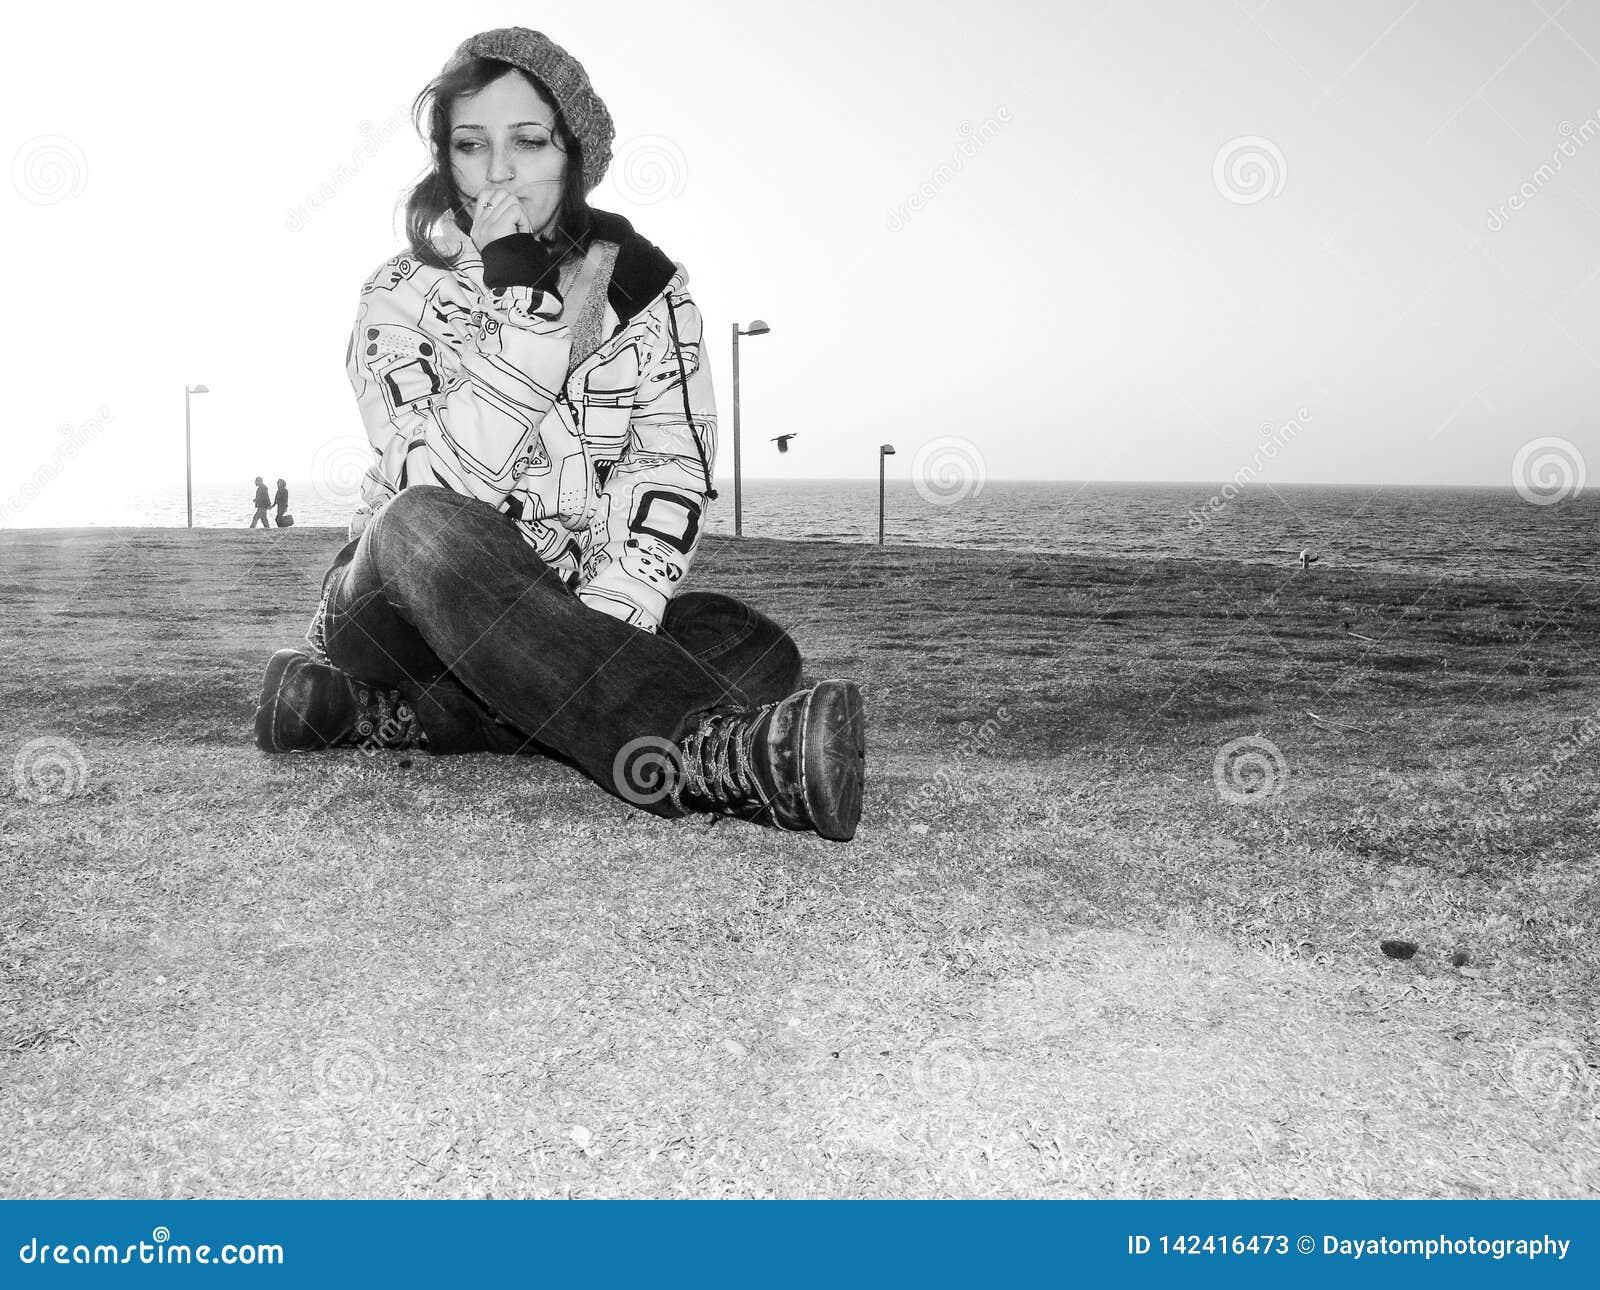 Νέο ενήλικο θηλυκό, που φορά την περιστασιακή ενδυμασία, τα τζιν, το καπέλο και ένα hoodie, αστικό ύφος, που κάθονται στη χλόη σε